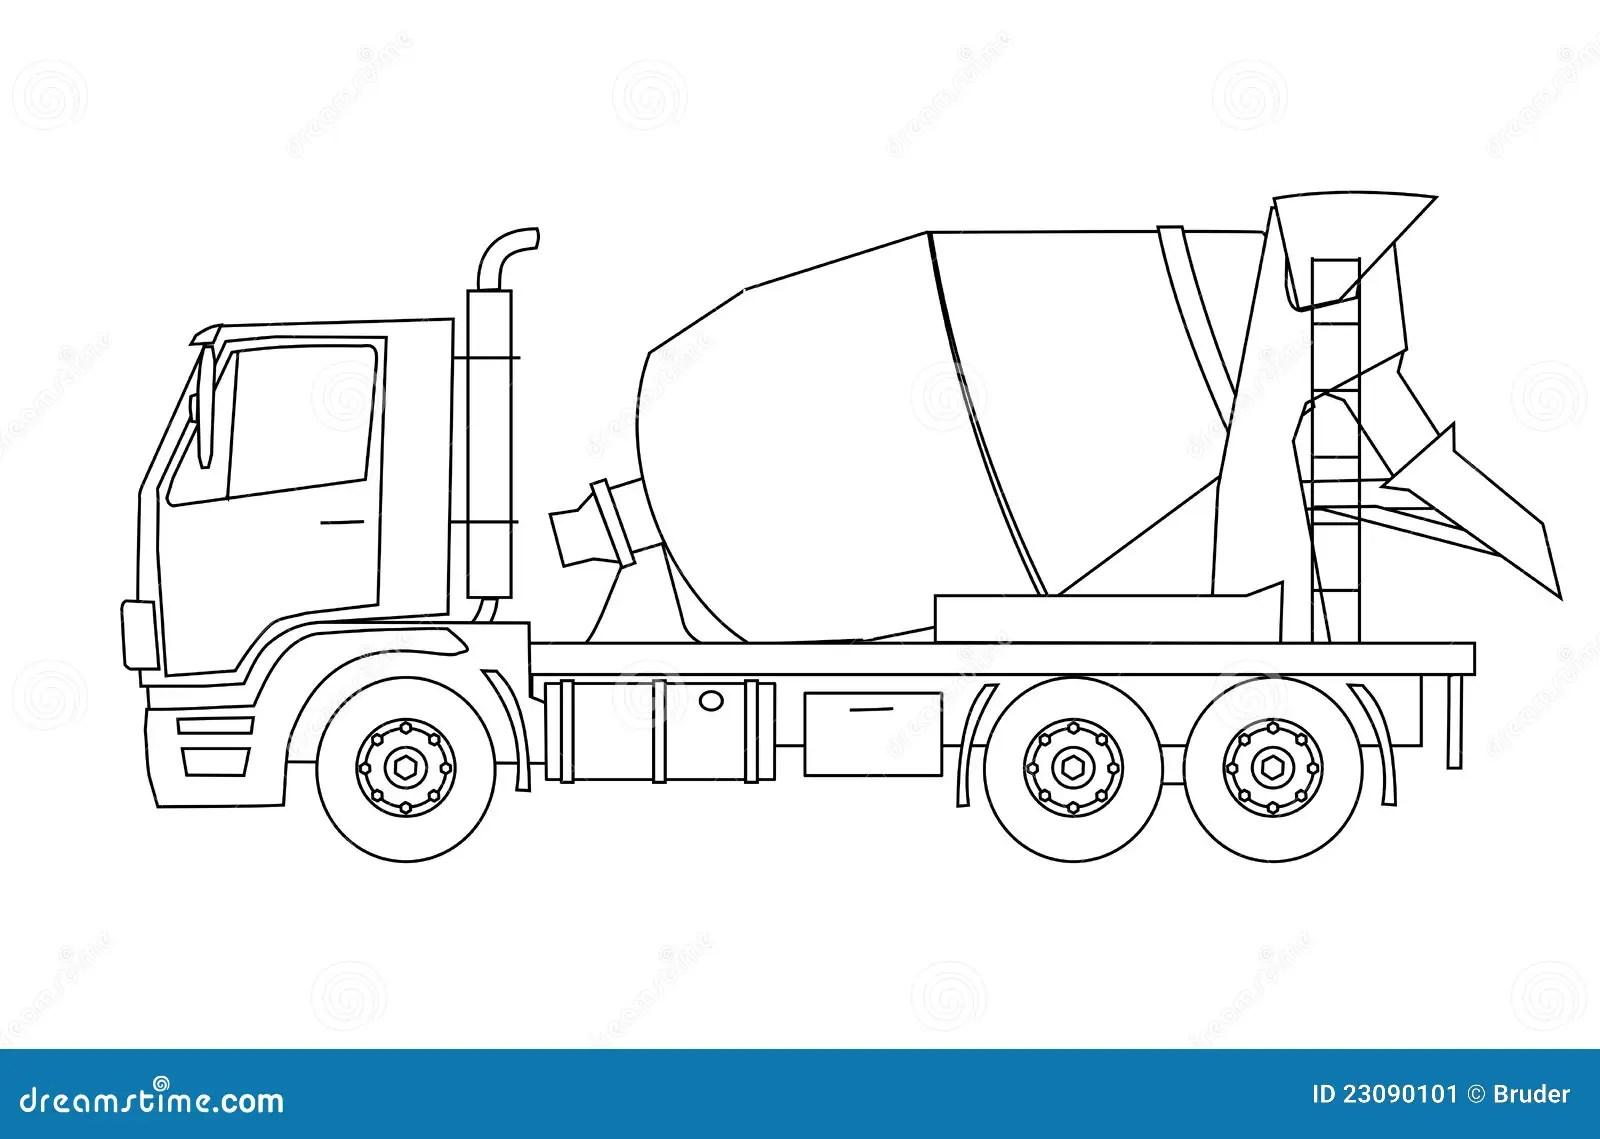 Betonmischer Lkw Vektor Abbildung Illustration Von Schwer